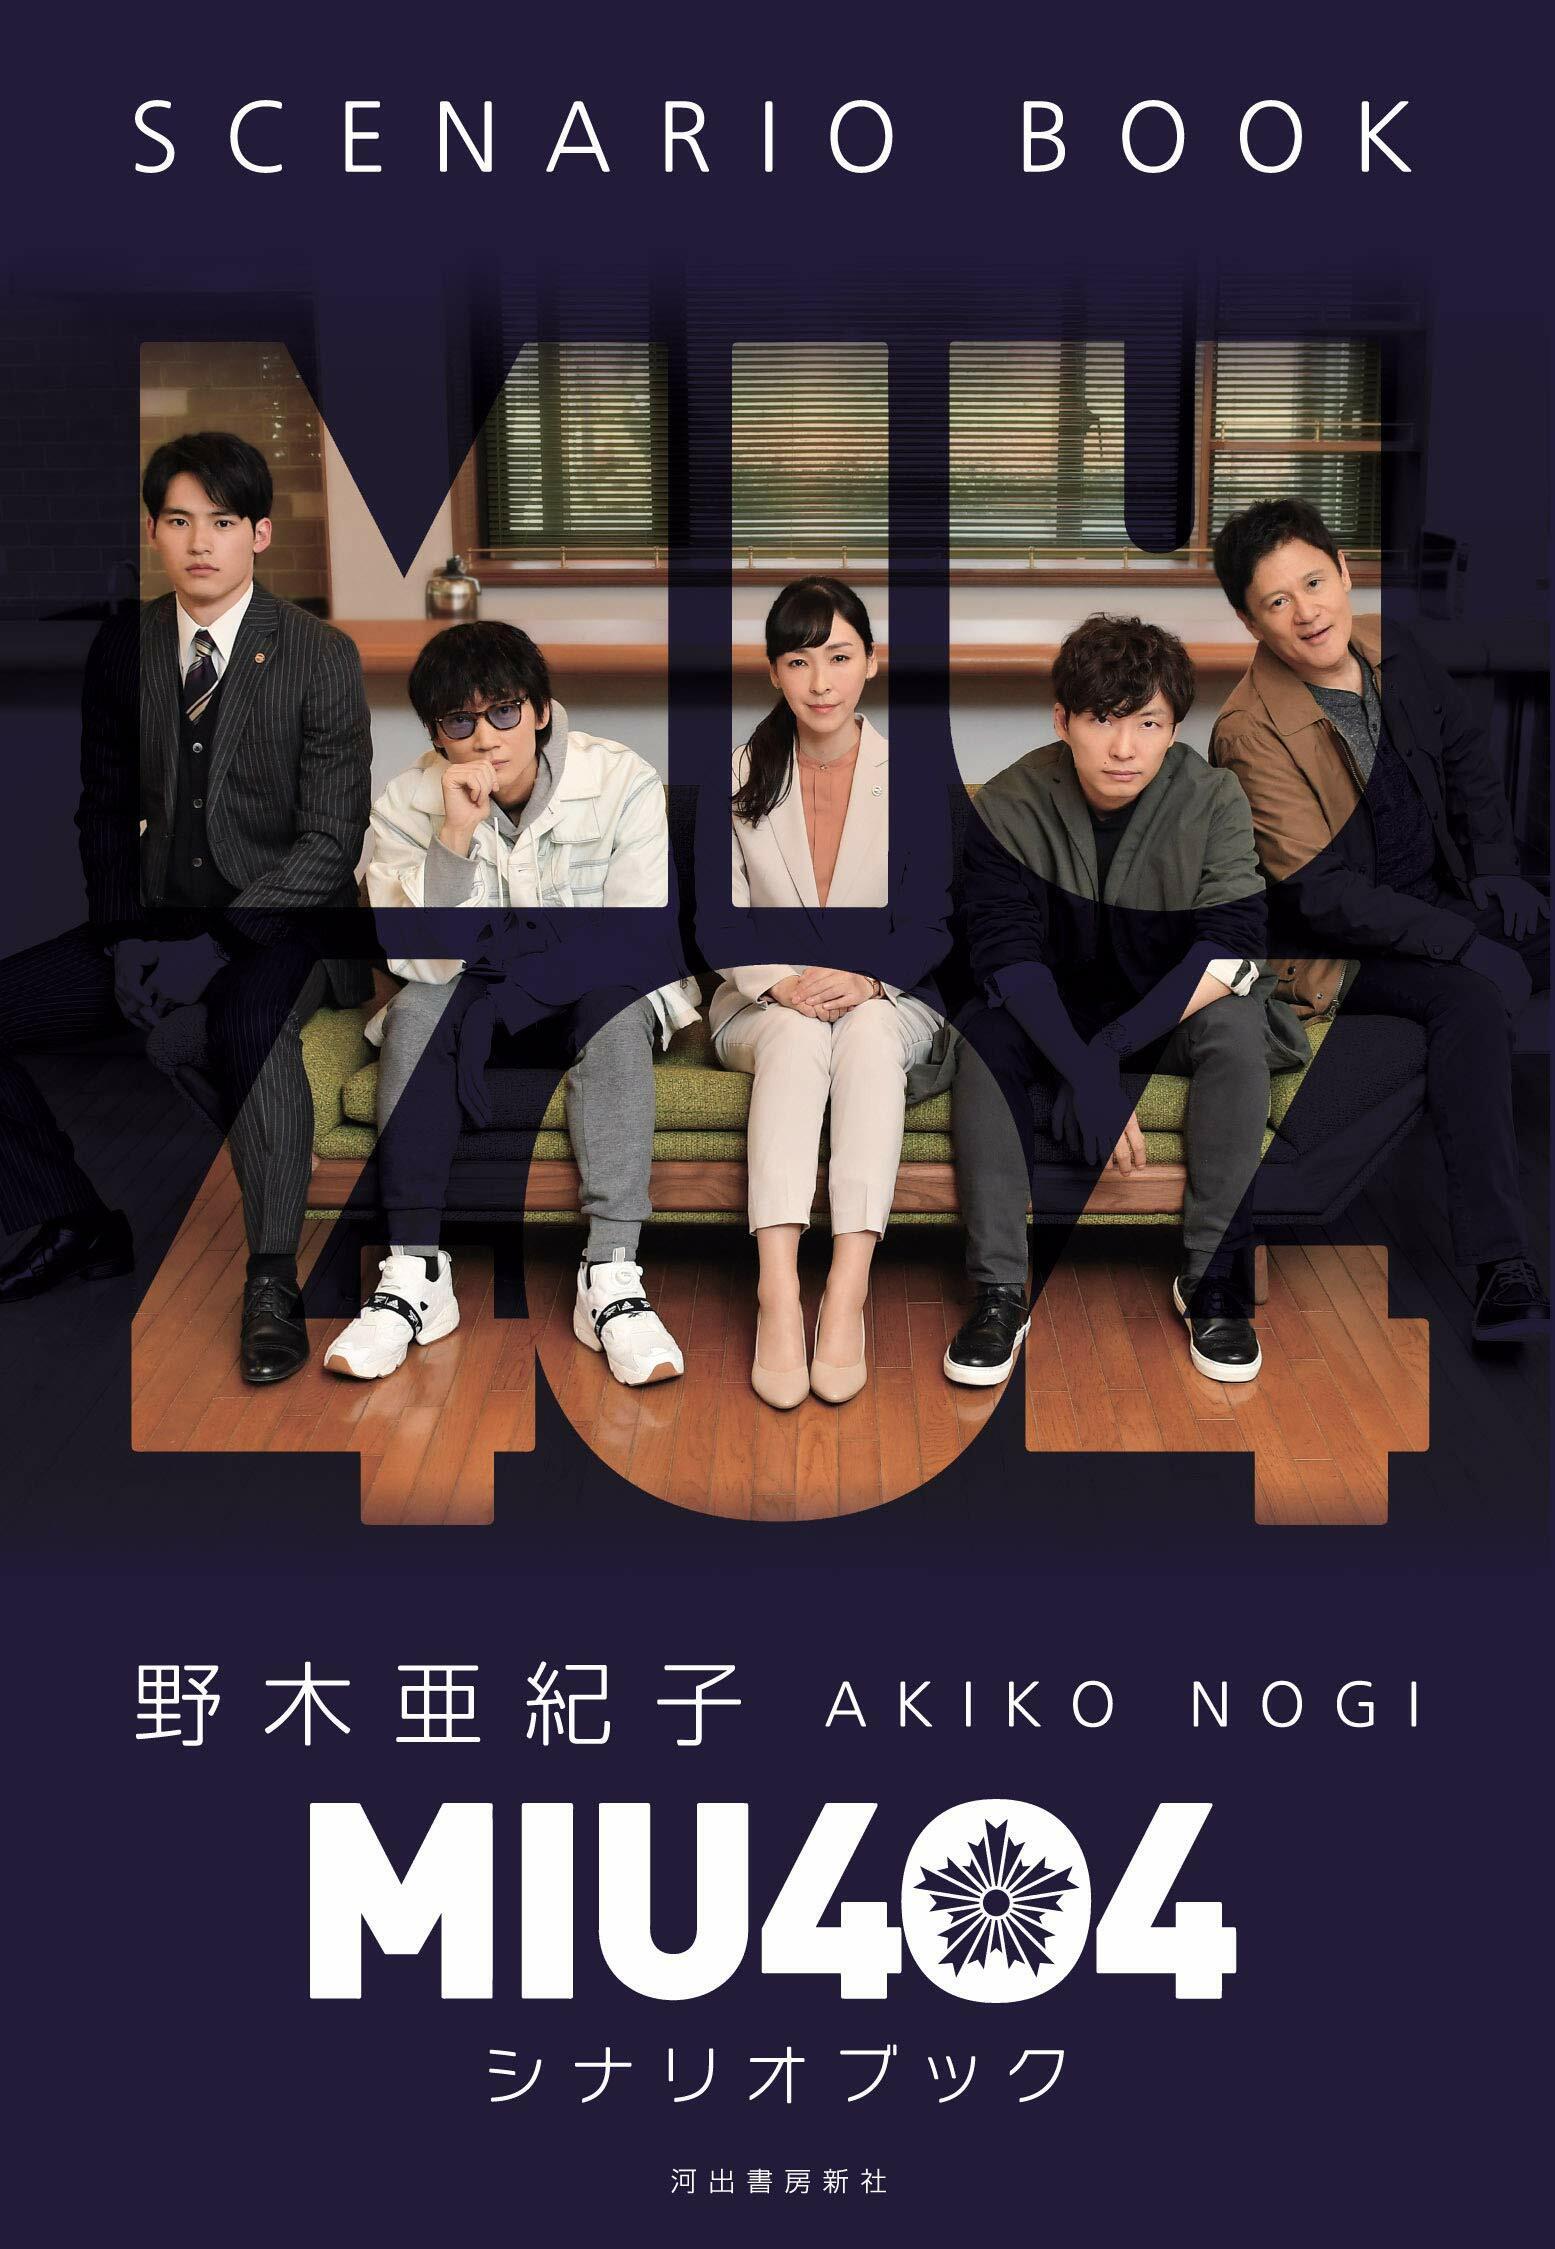 MIU404 シナリオブック